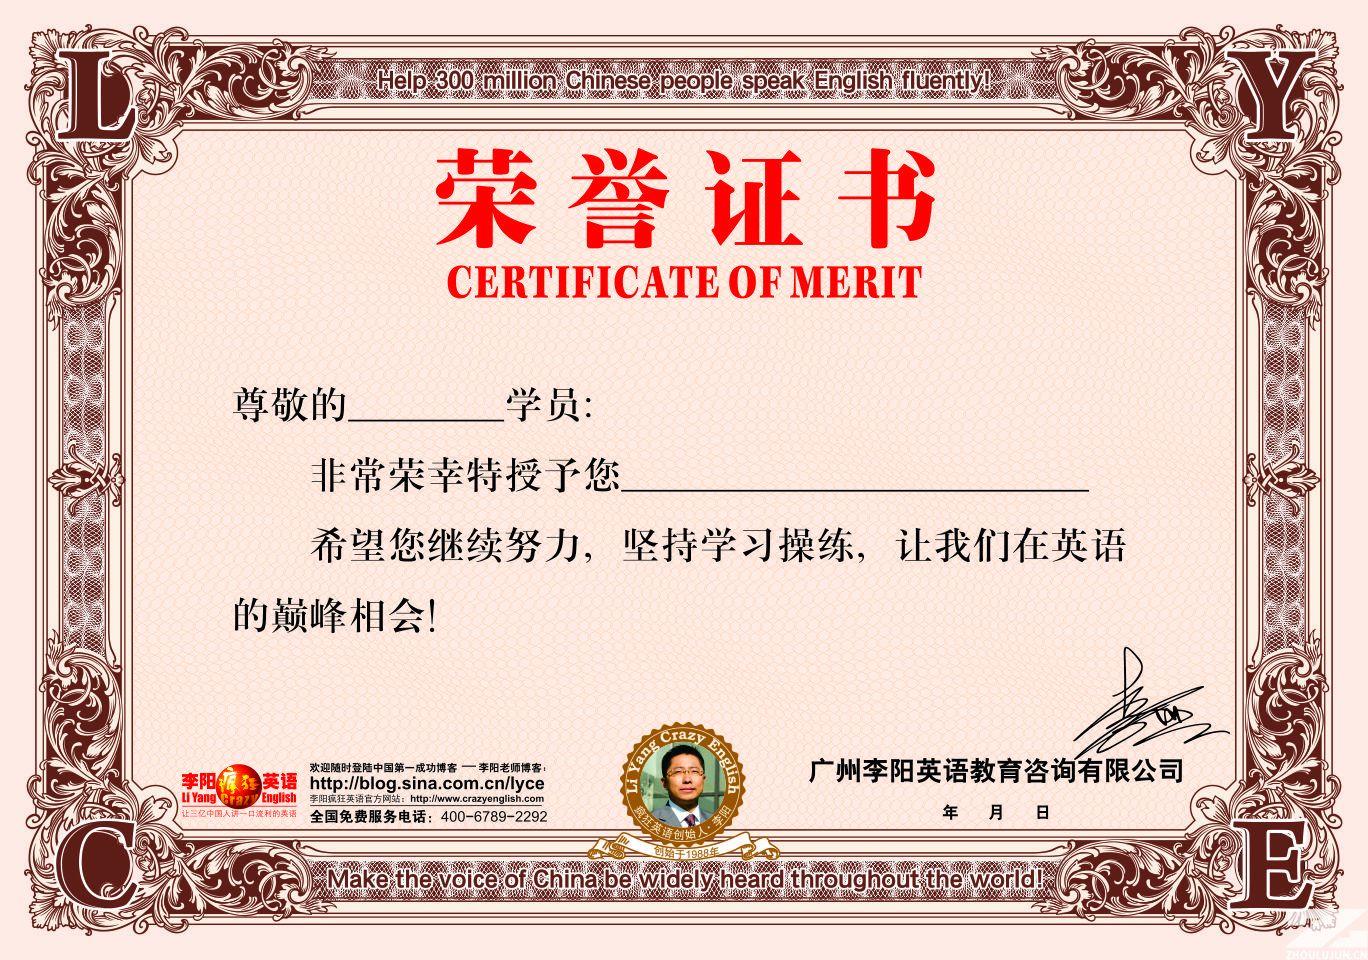 李阳疯狂英语-荣誉证书